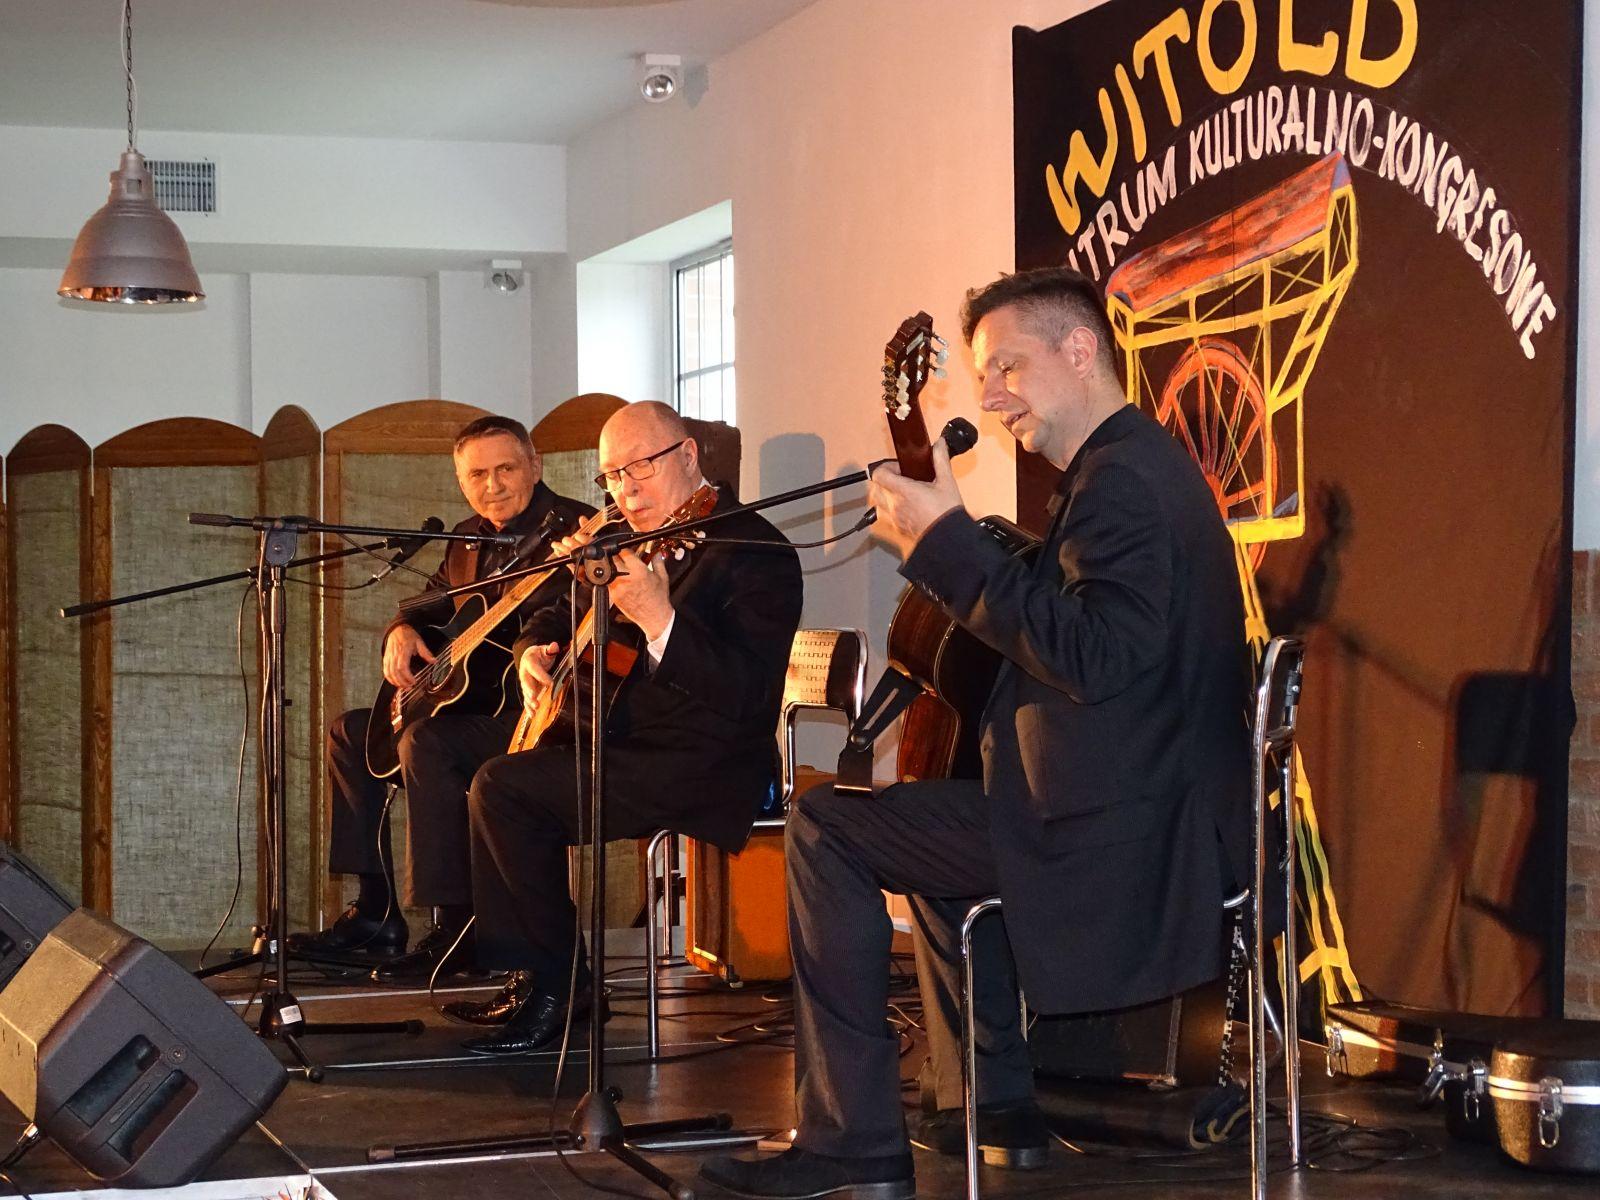 Koncert Aloszy Awdiejewa w CK Witold.